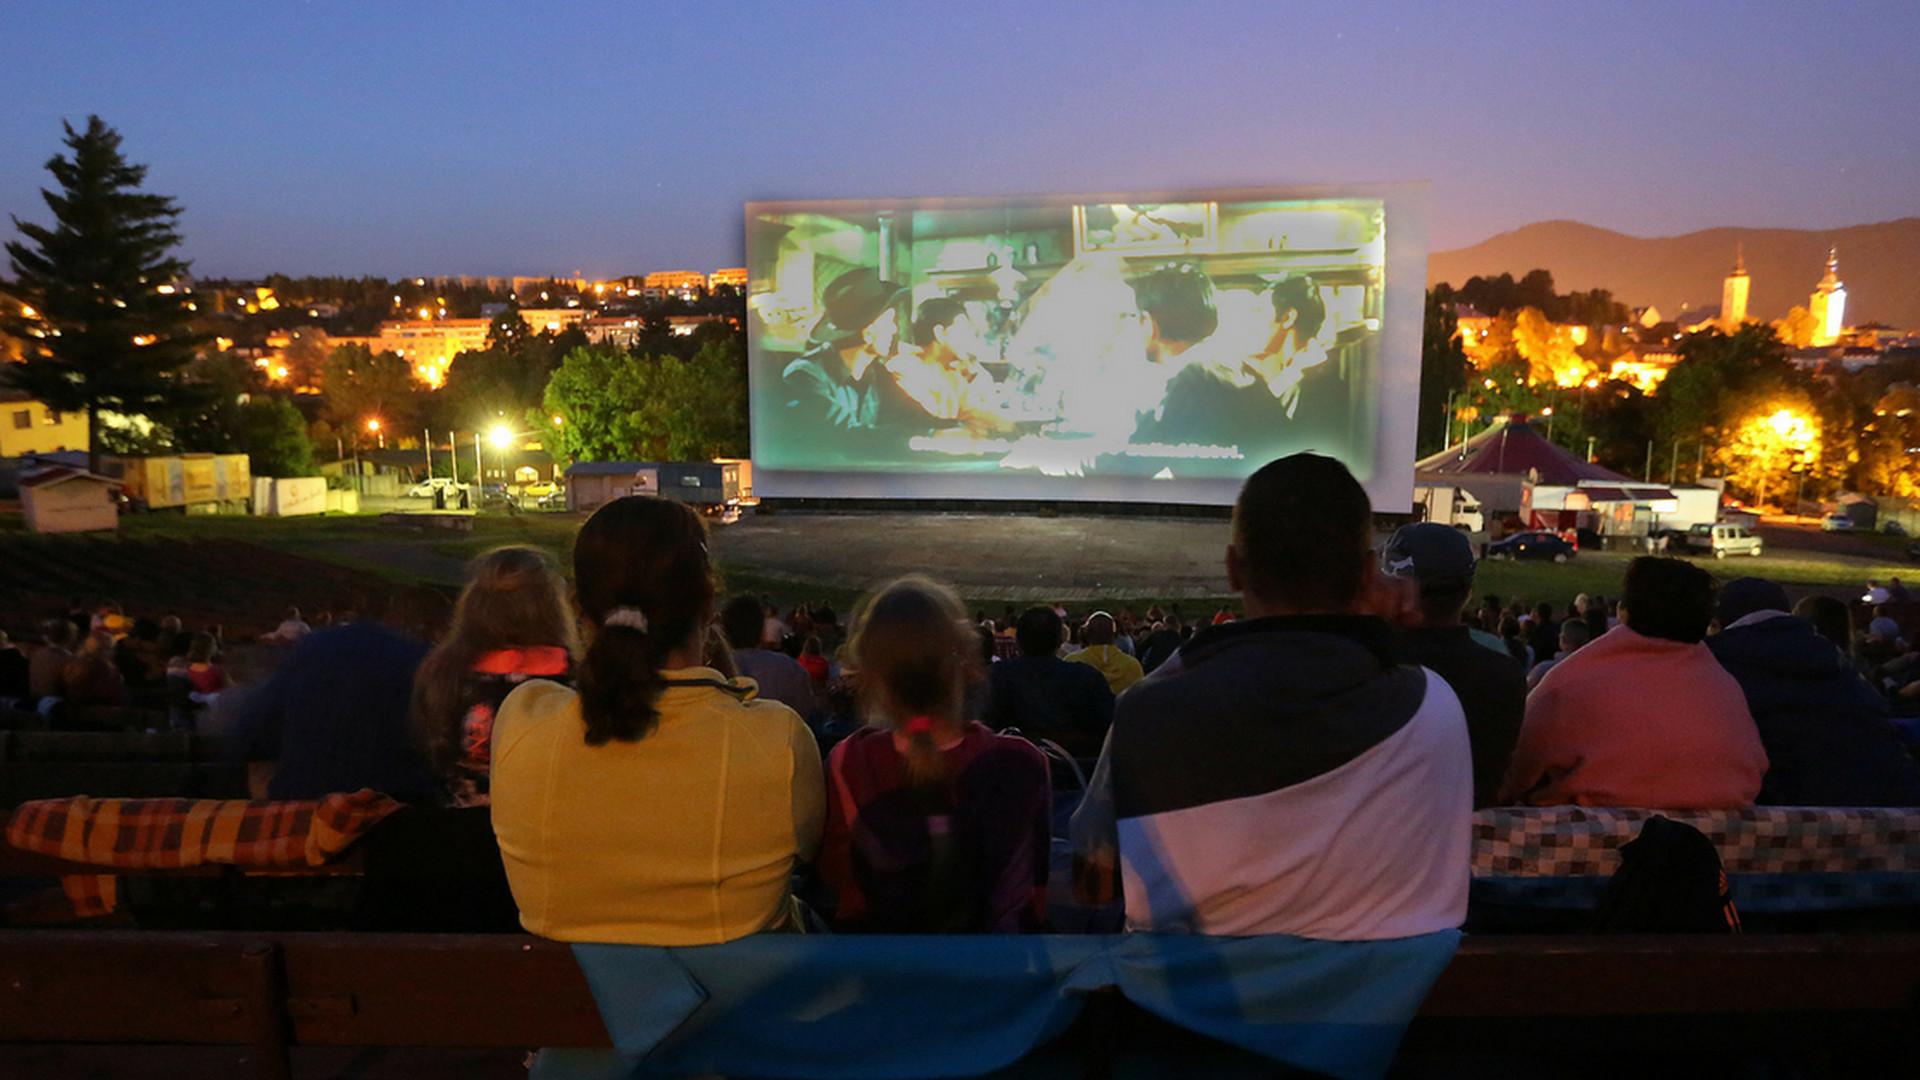 6bab23f37 10 letných kín na Slovensku, kde si môžeš vychutnať filmy s hviezdami nad  hlavou